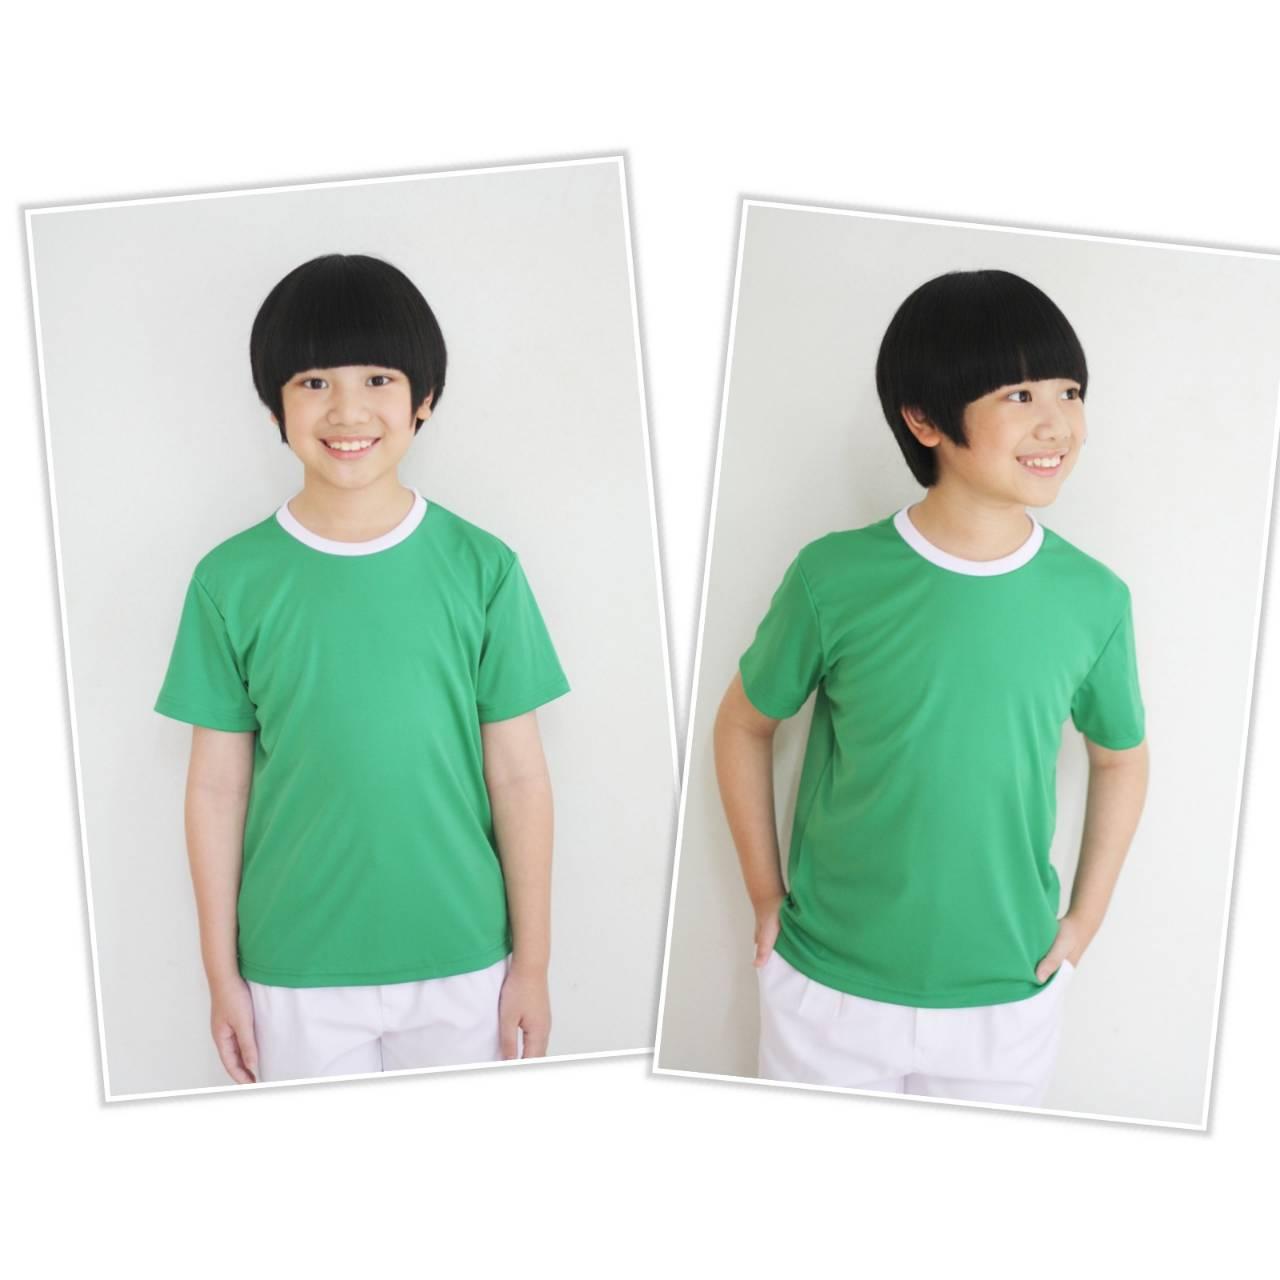 ไซส์ S เสื้อกีฬาสีเด็ก เสื้อกีฬาเปล่าเด็ก เสื้อกีฬาสีอนุบาล สีเขียว ไซส์ S